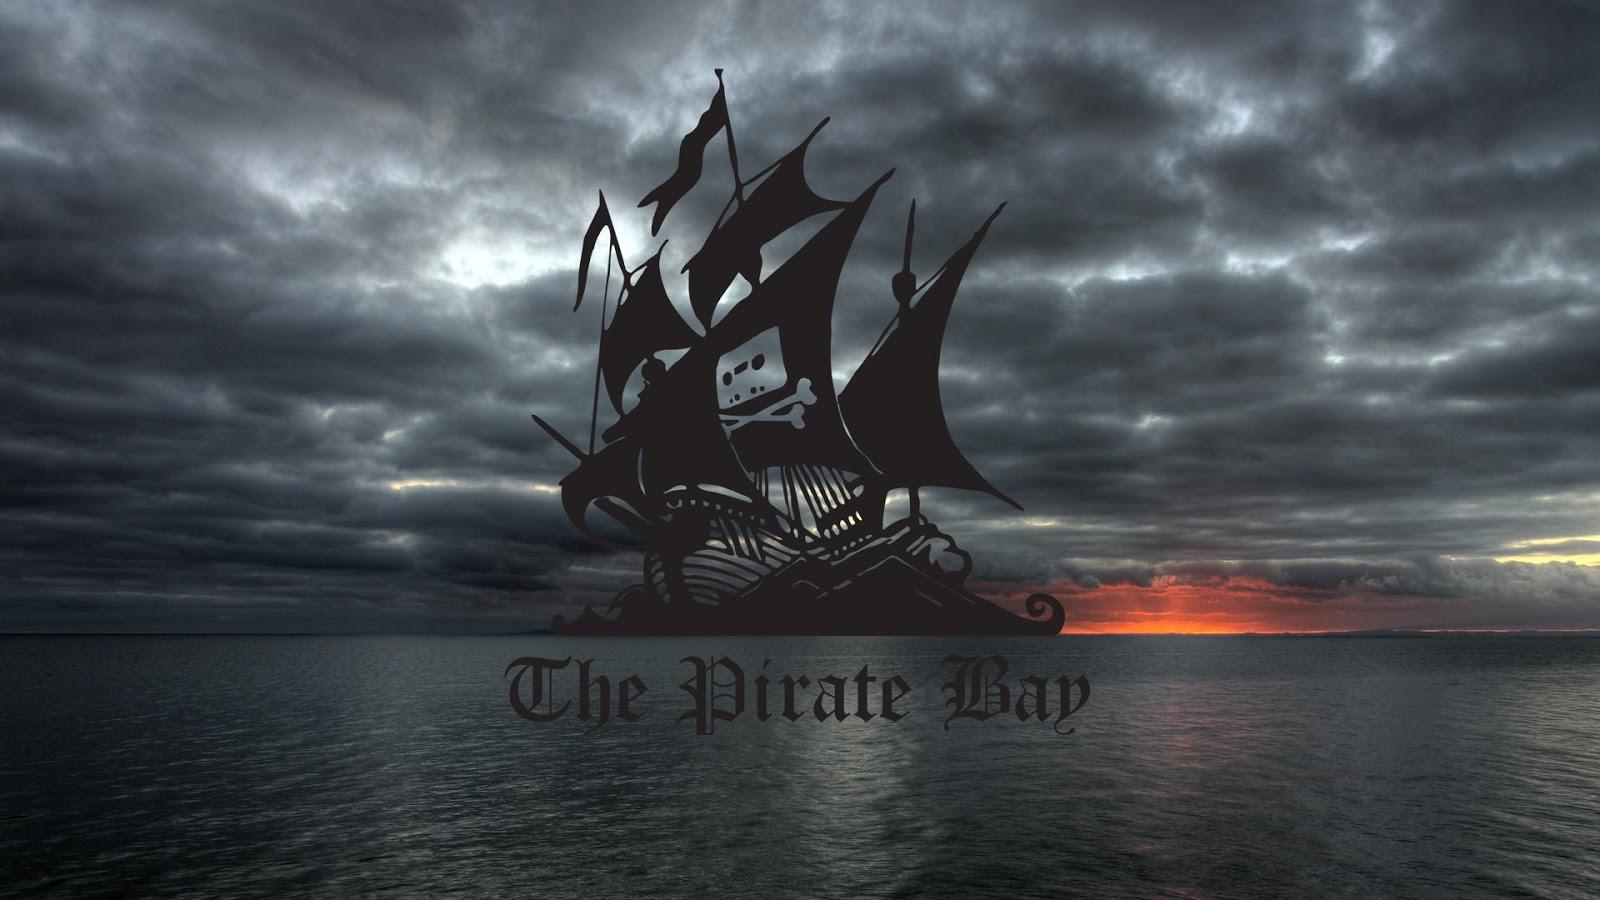 The Pirate Bay poderá cair em processo por violação dos direitos autorais